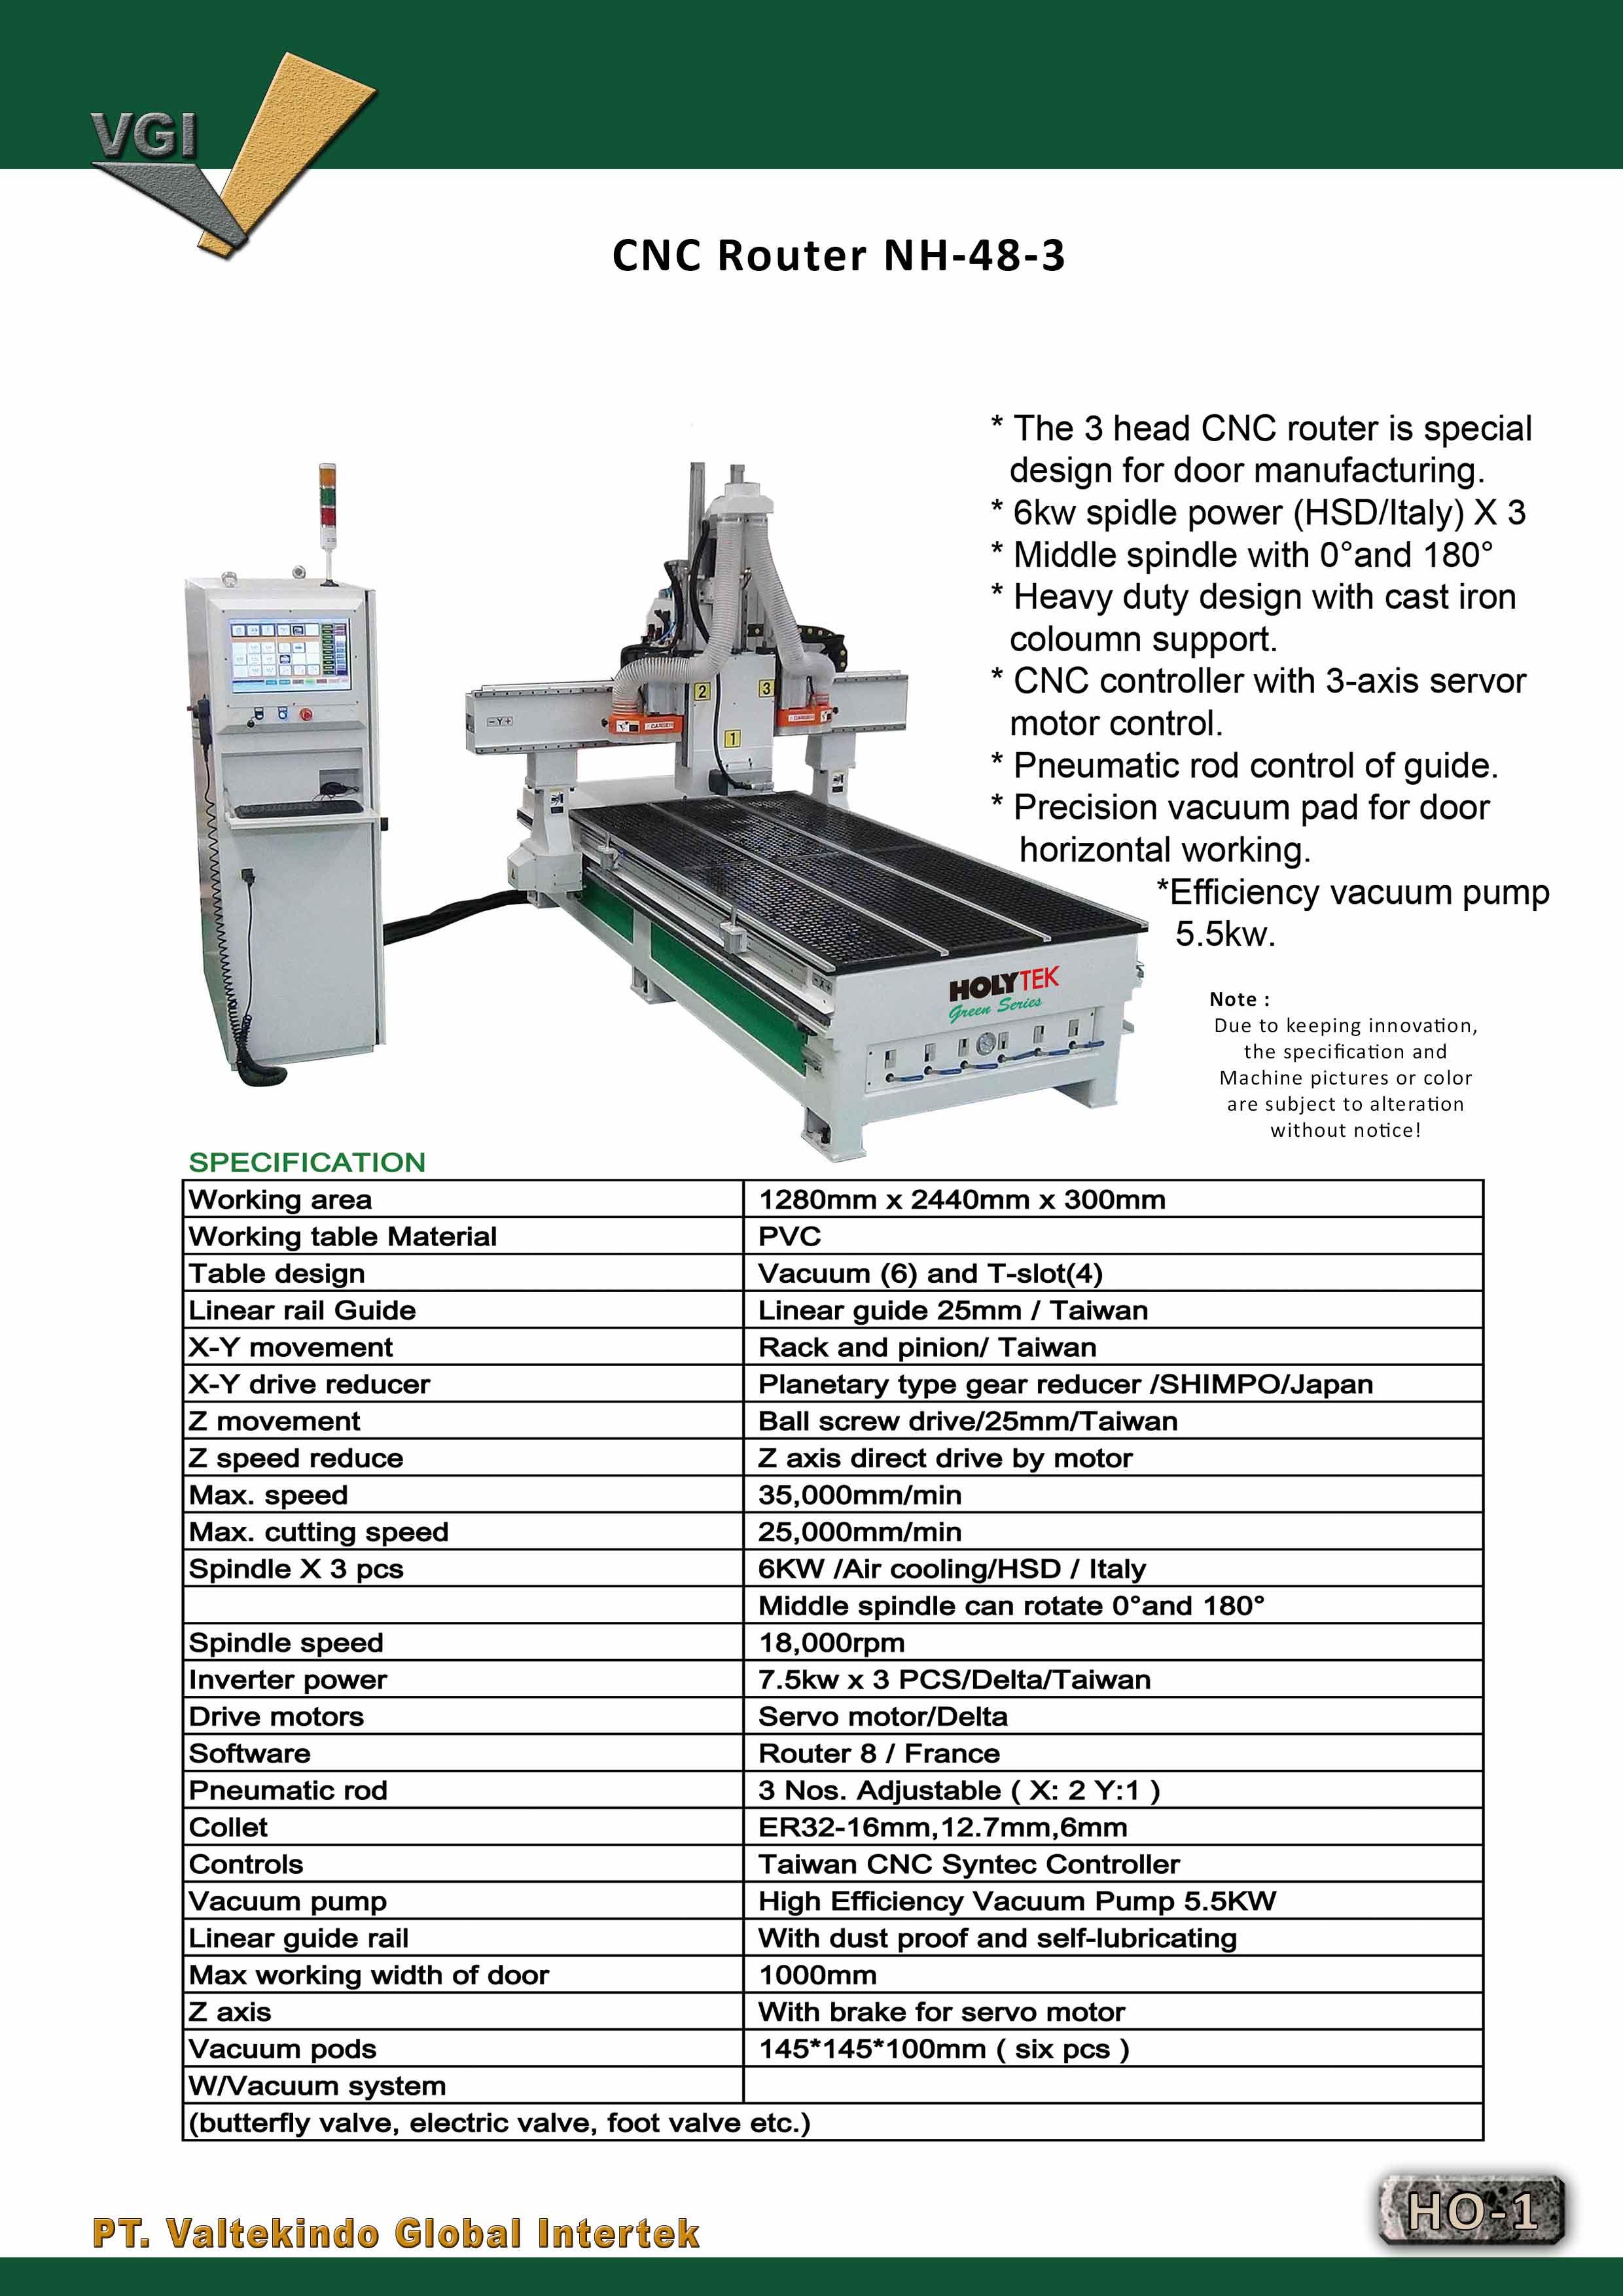 jual mesin, harga mesin, distributor mesin, jual mesin karet, daur ulang plastik CNC Router 2 CNC Router 2